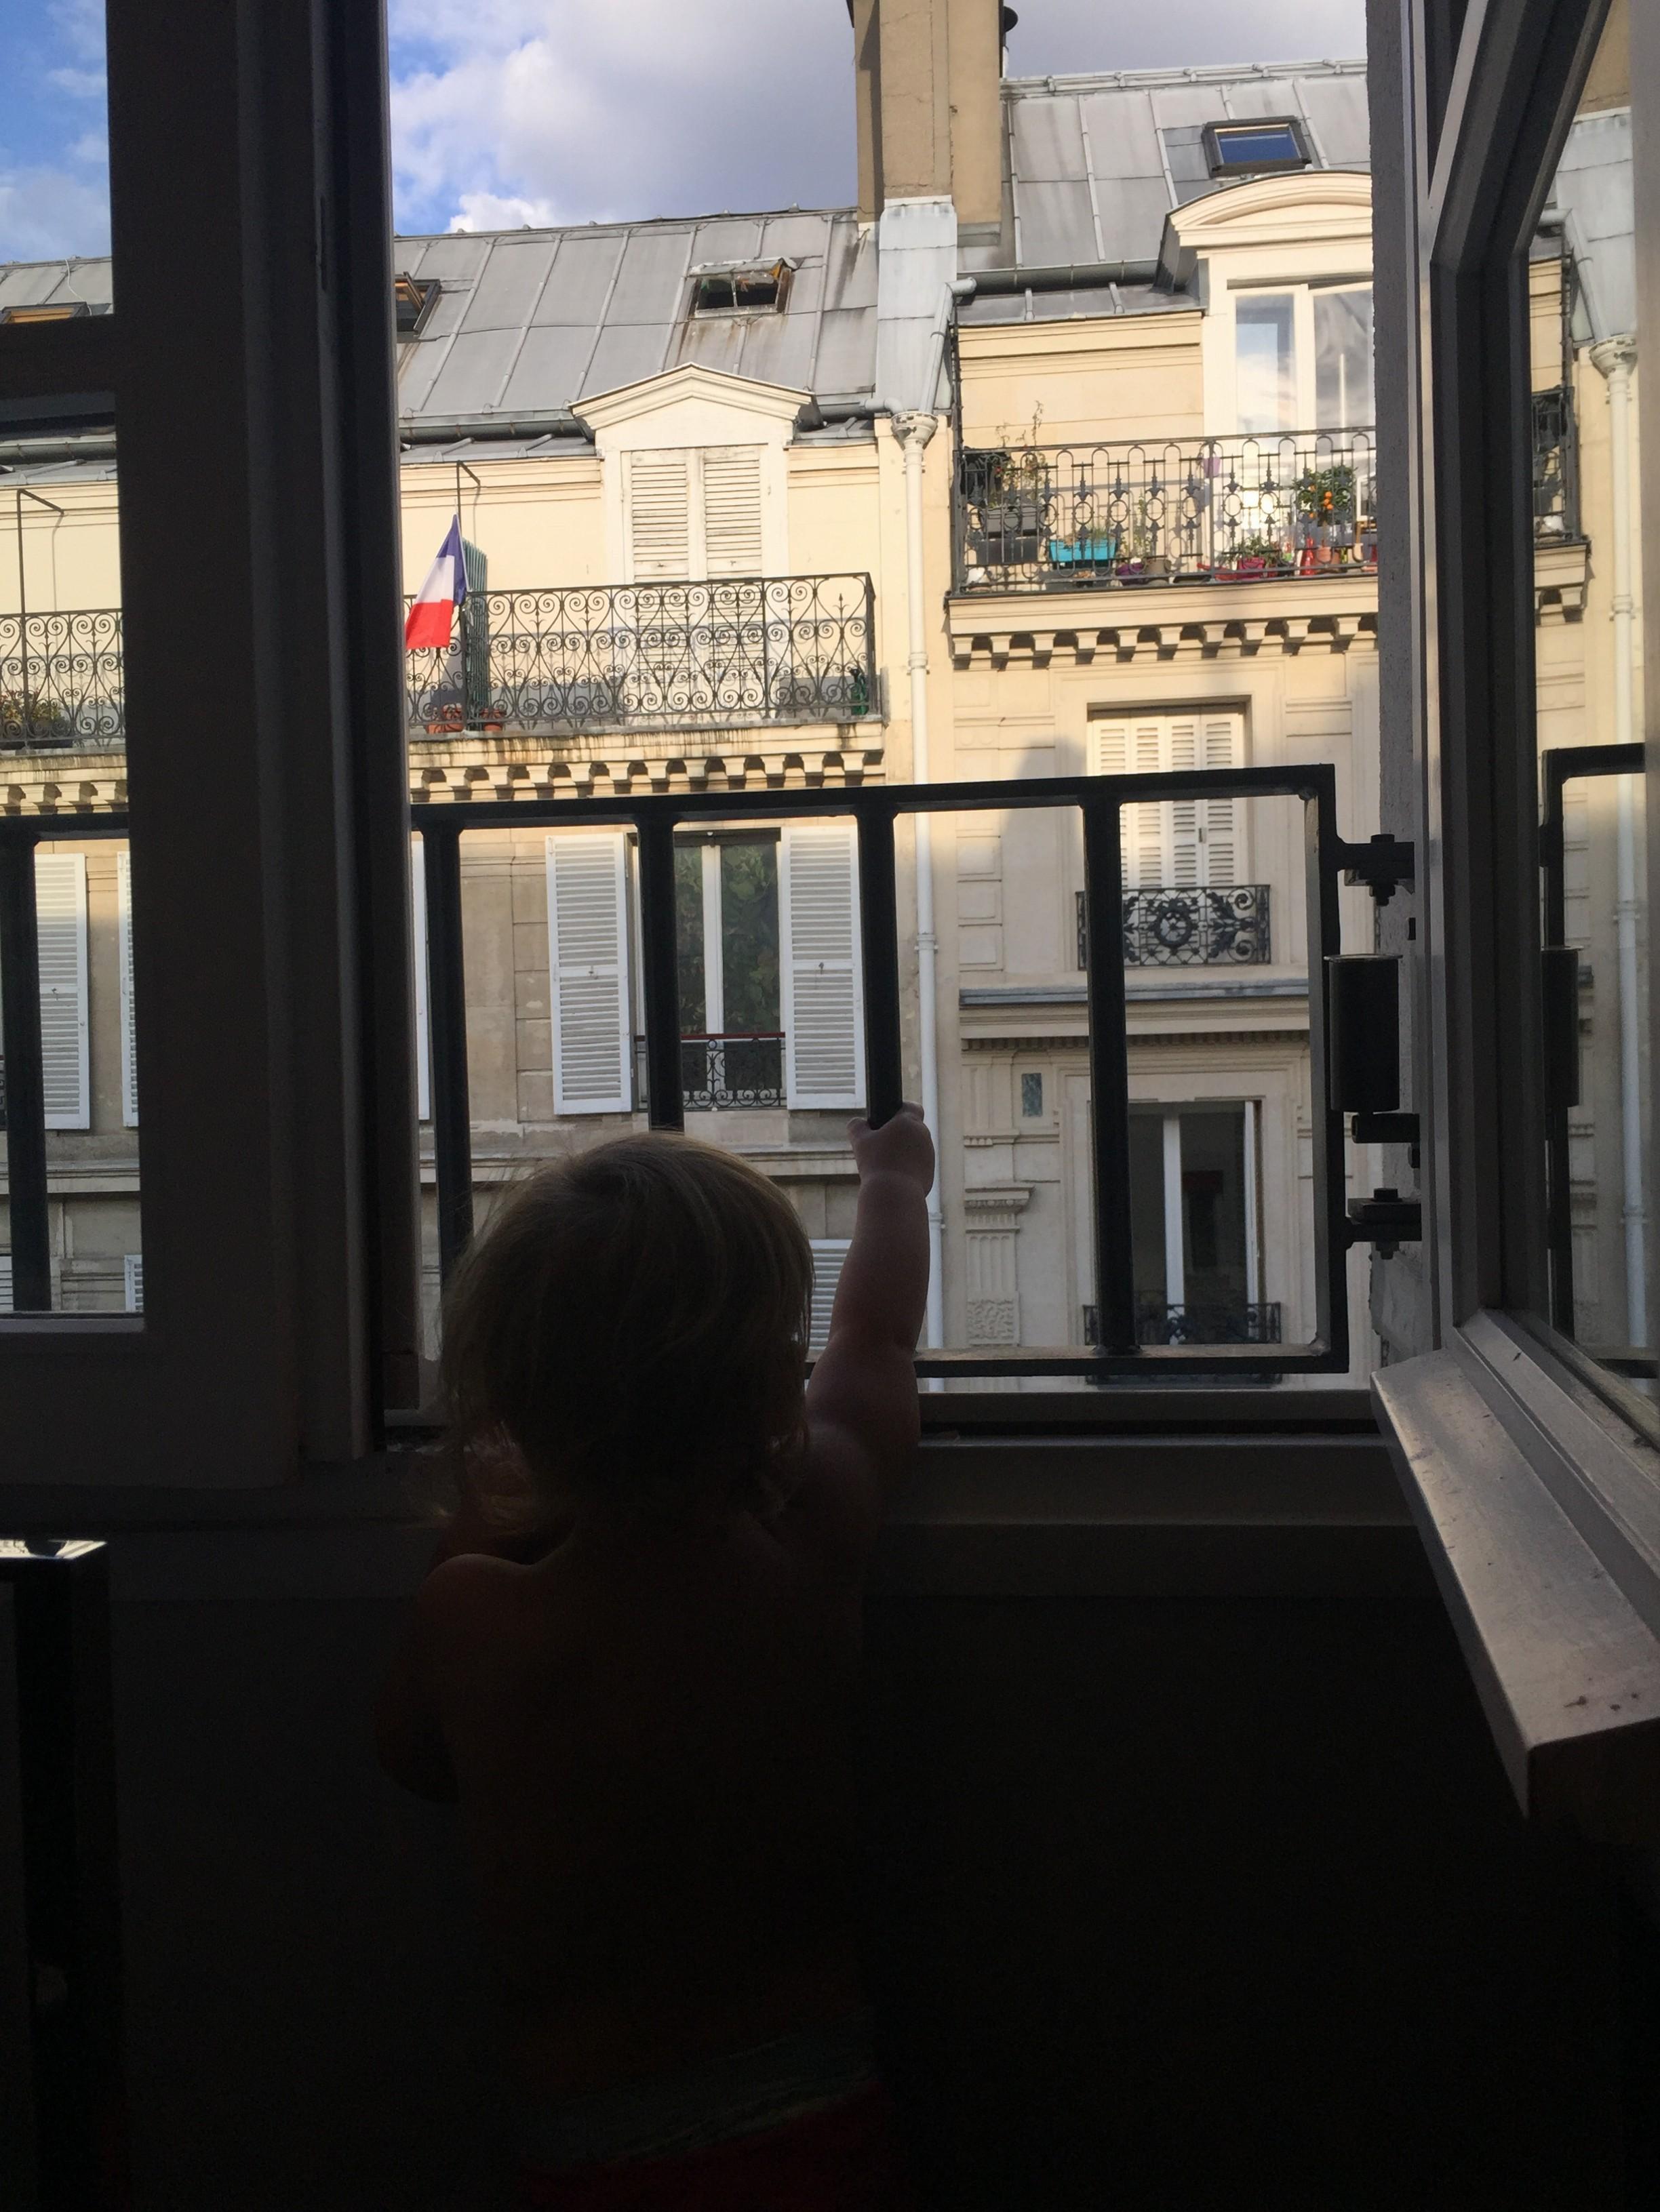 la lanterne um hotel charmoso no centro de paris fam lia sem fronteiras. Black Bedroom Furniture Sets. Home Design Ideas